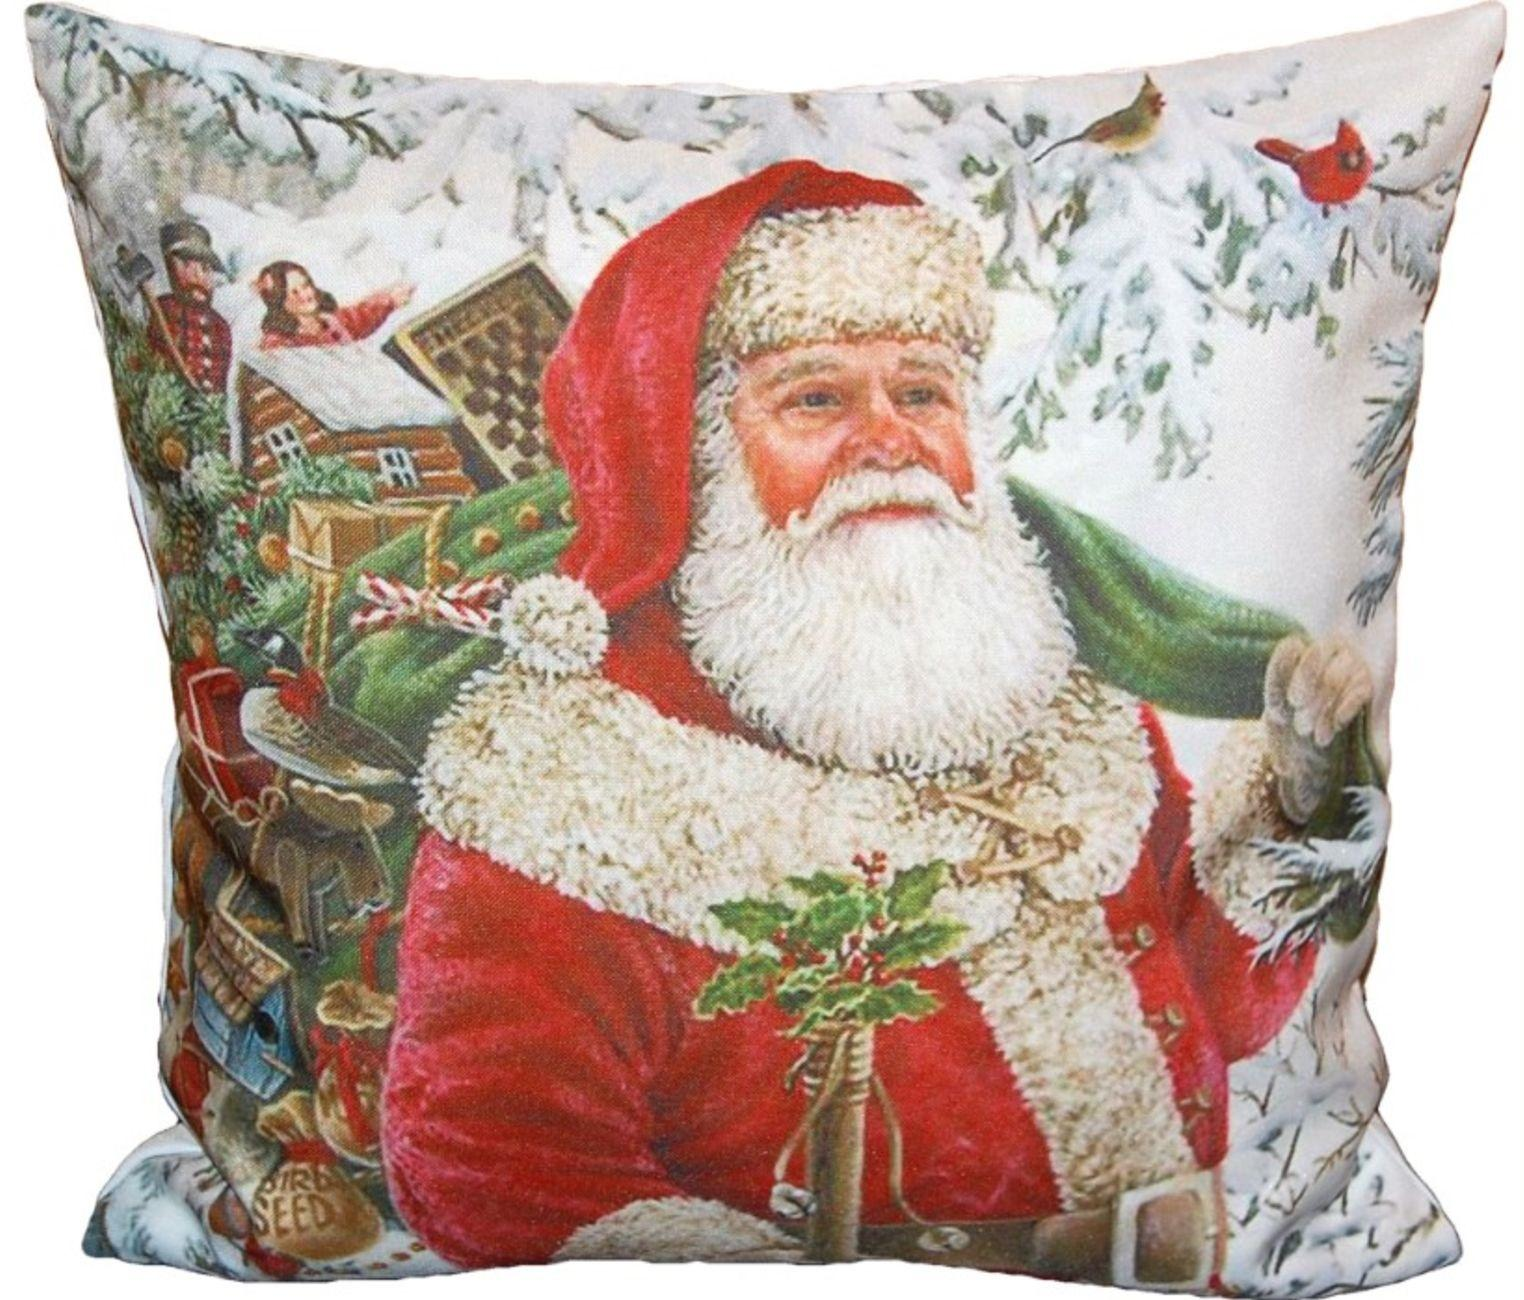 kissenh lle 40x40 cm weihnachten kissenbezug weihnachtskissen zierkissen kinder ebay. Black Bedroom Furniture Sets. Home Design Ideas